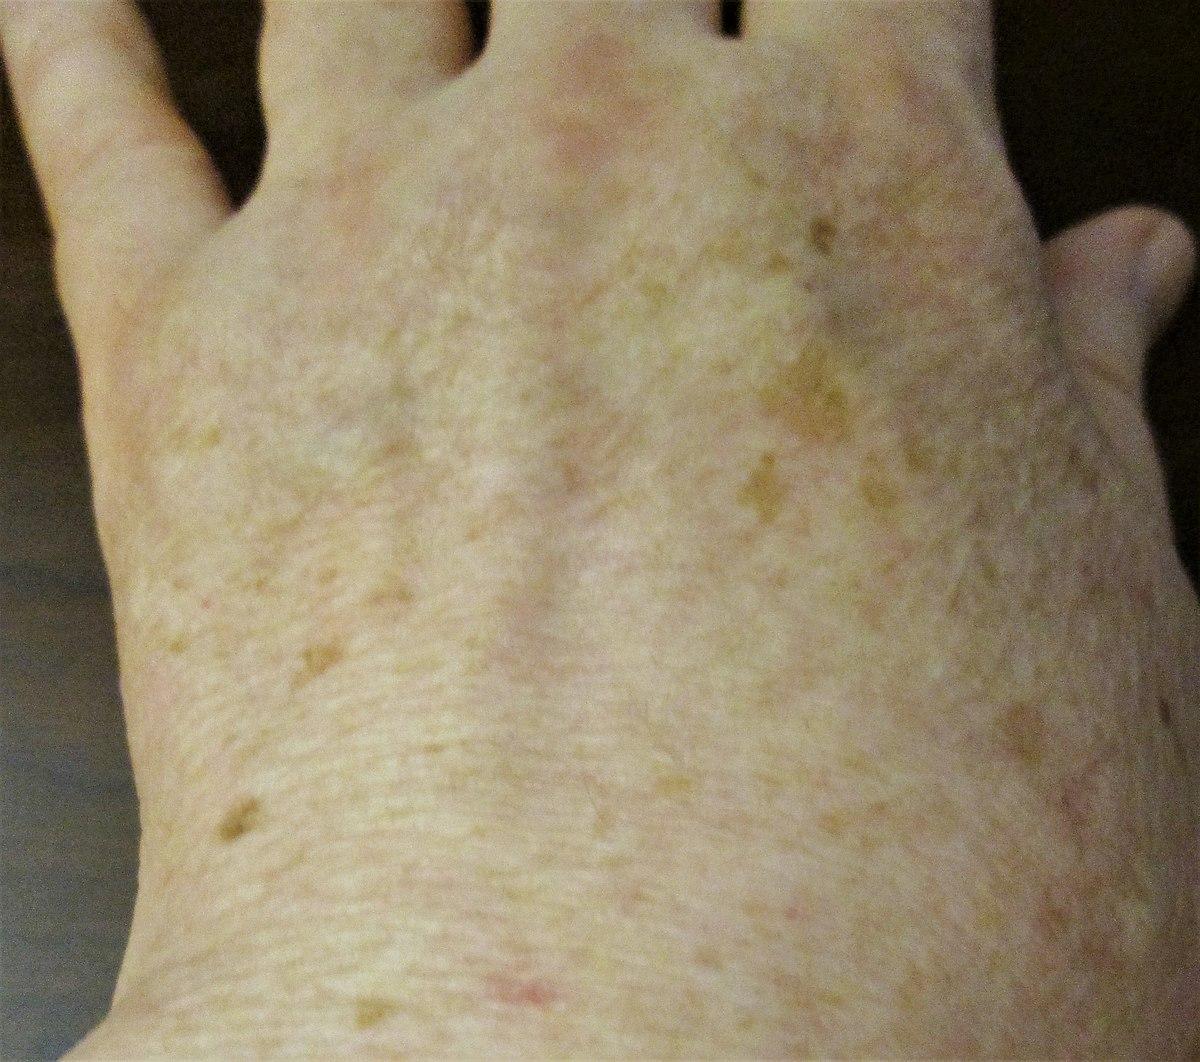 Liver spots, light-skinned Caucasian man, age 63.jpg